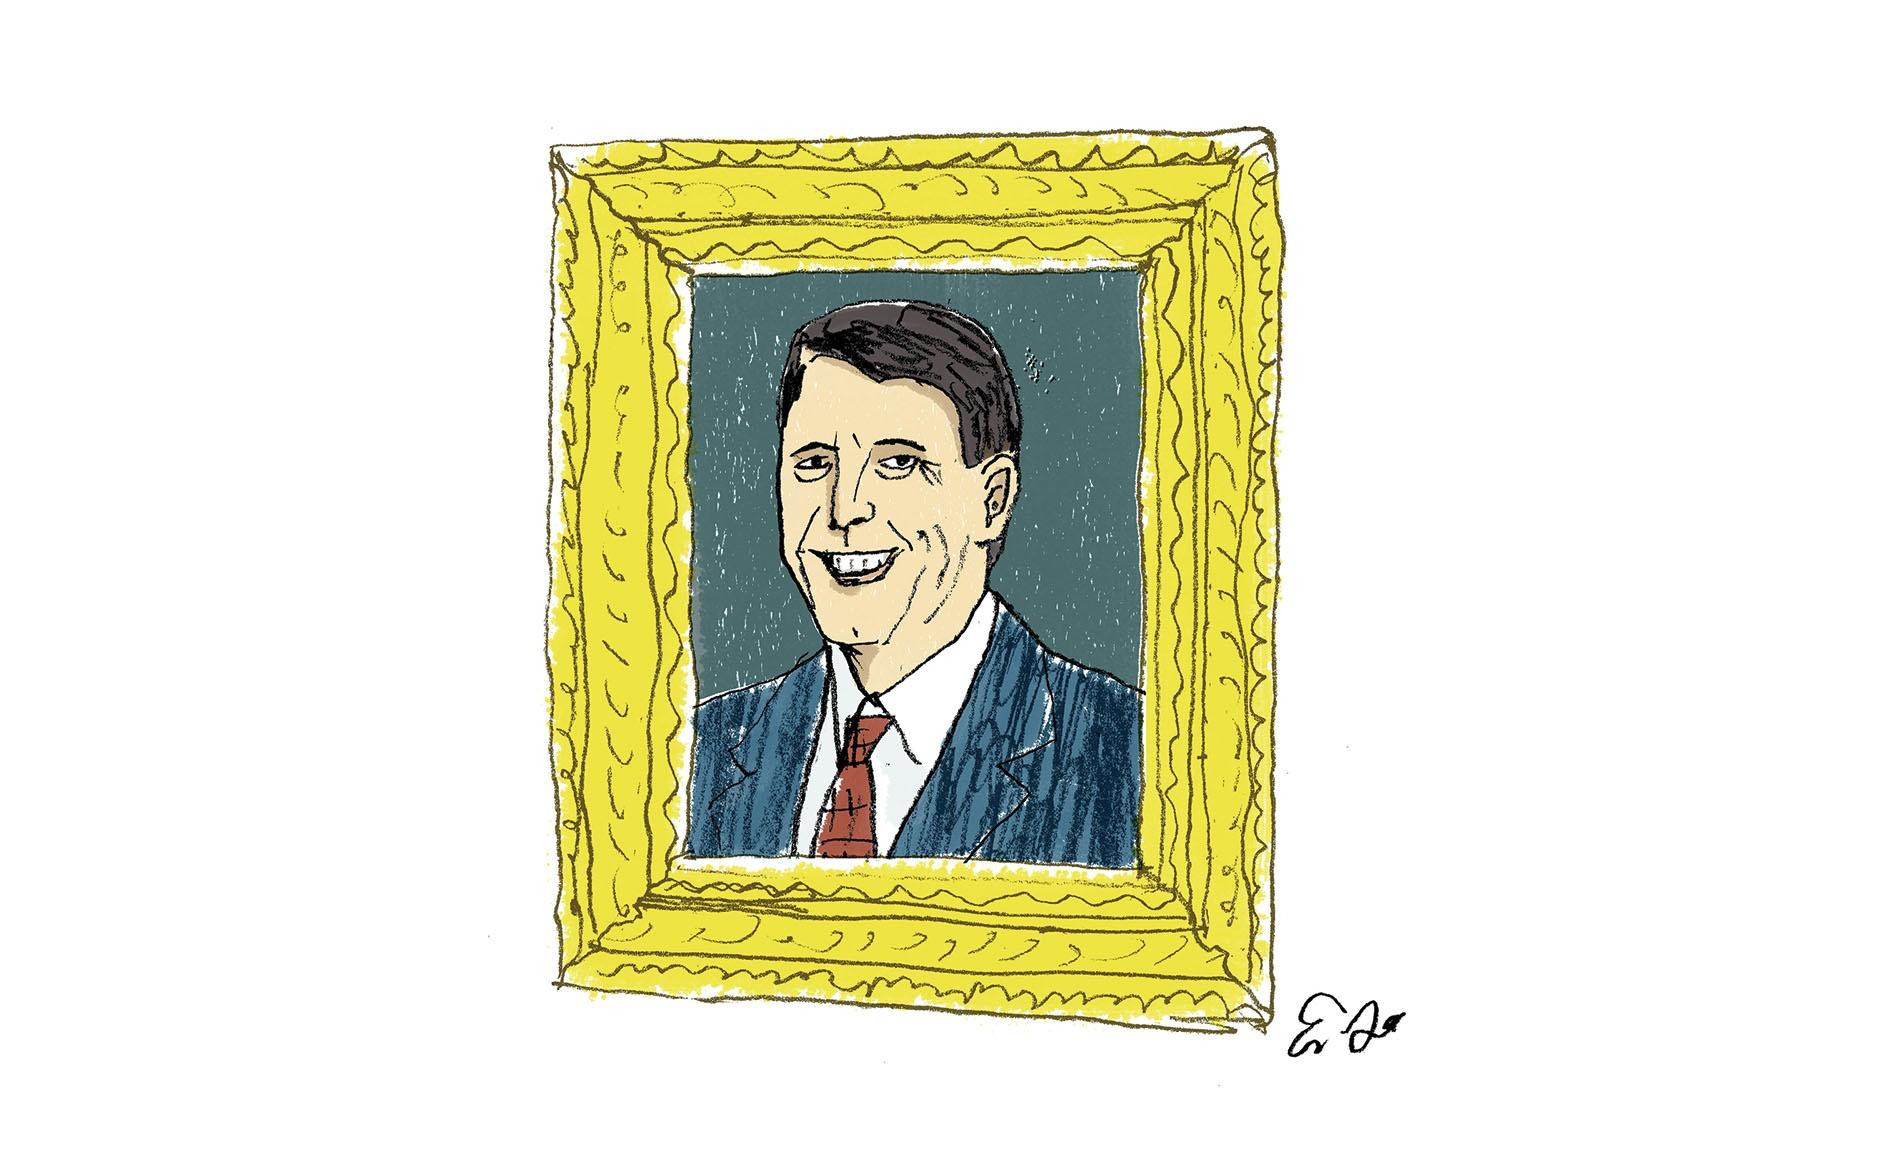 Illustration of Roger Bearden by Eric Hanson